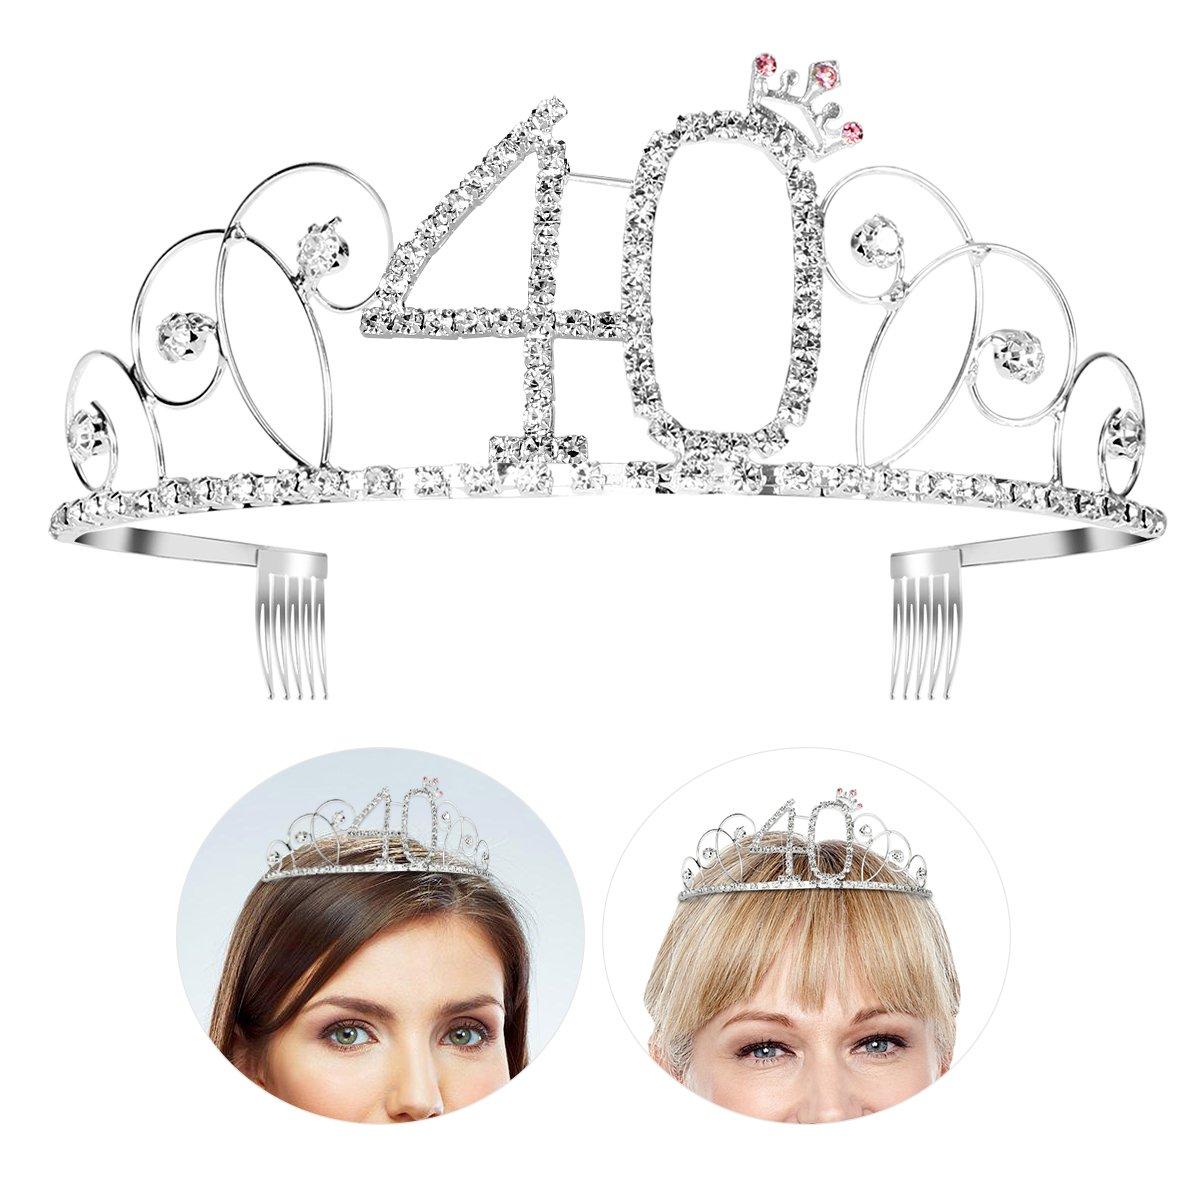 Frcolor Tiara argentata con cristalli per il 40° compleanno